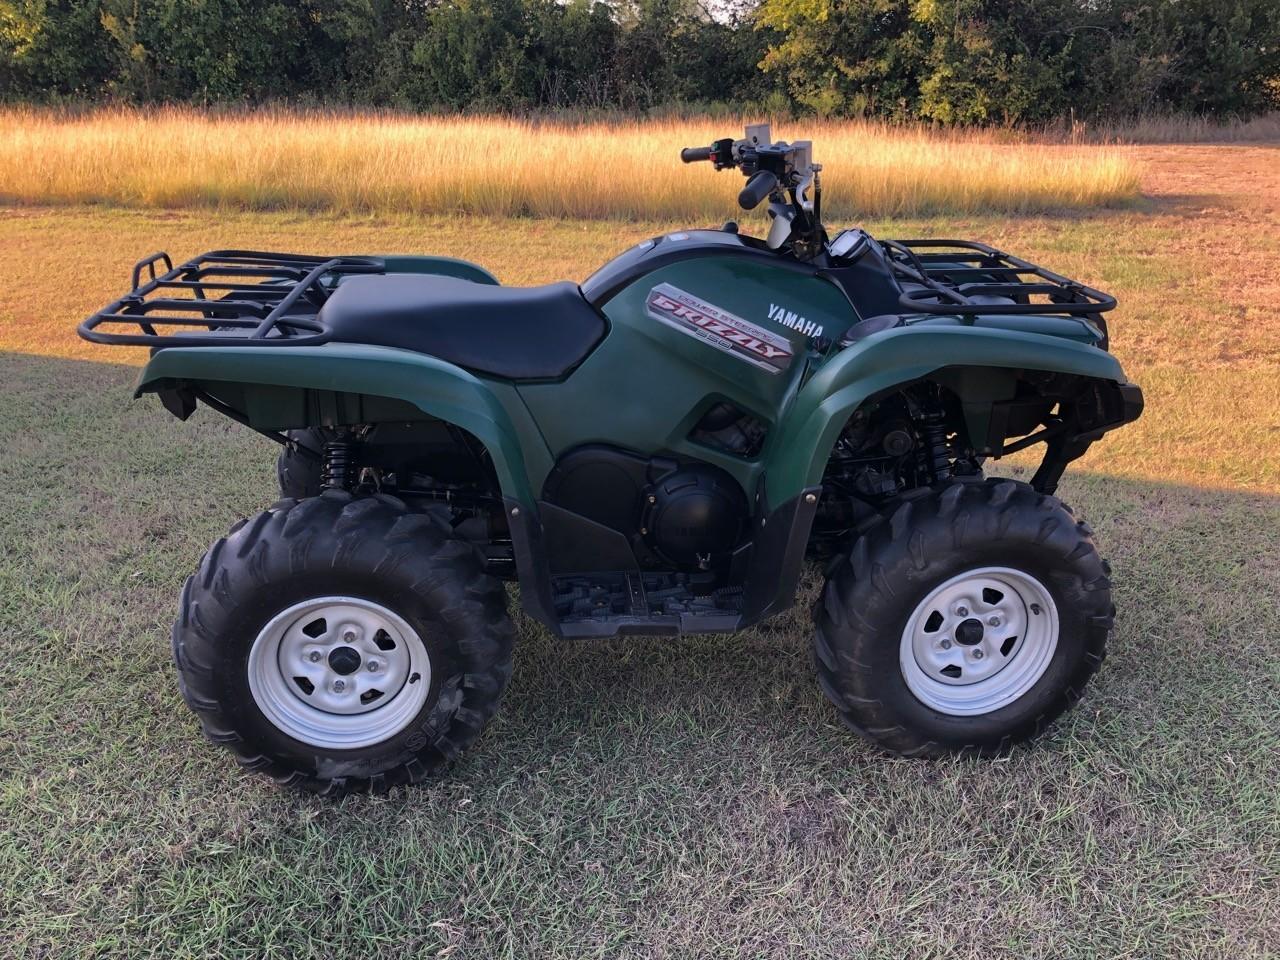 Yamaha For Sale - Yamaha ATVs - ATV Trader